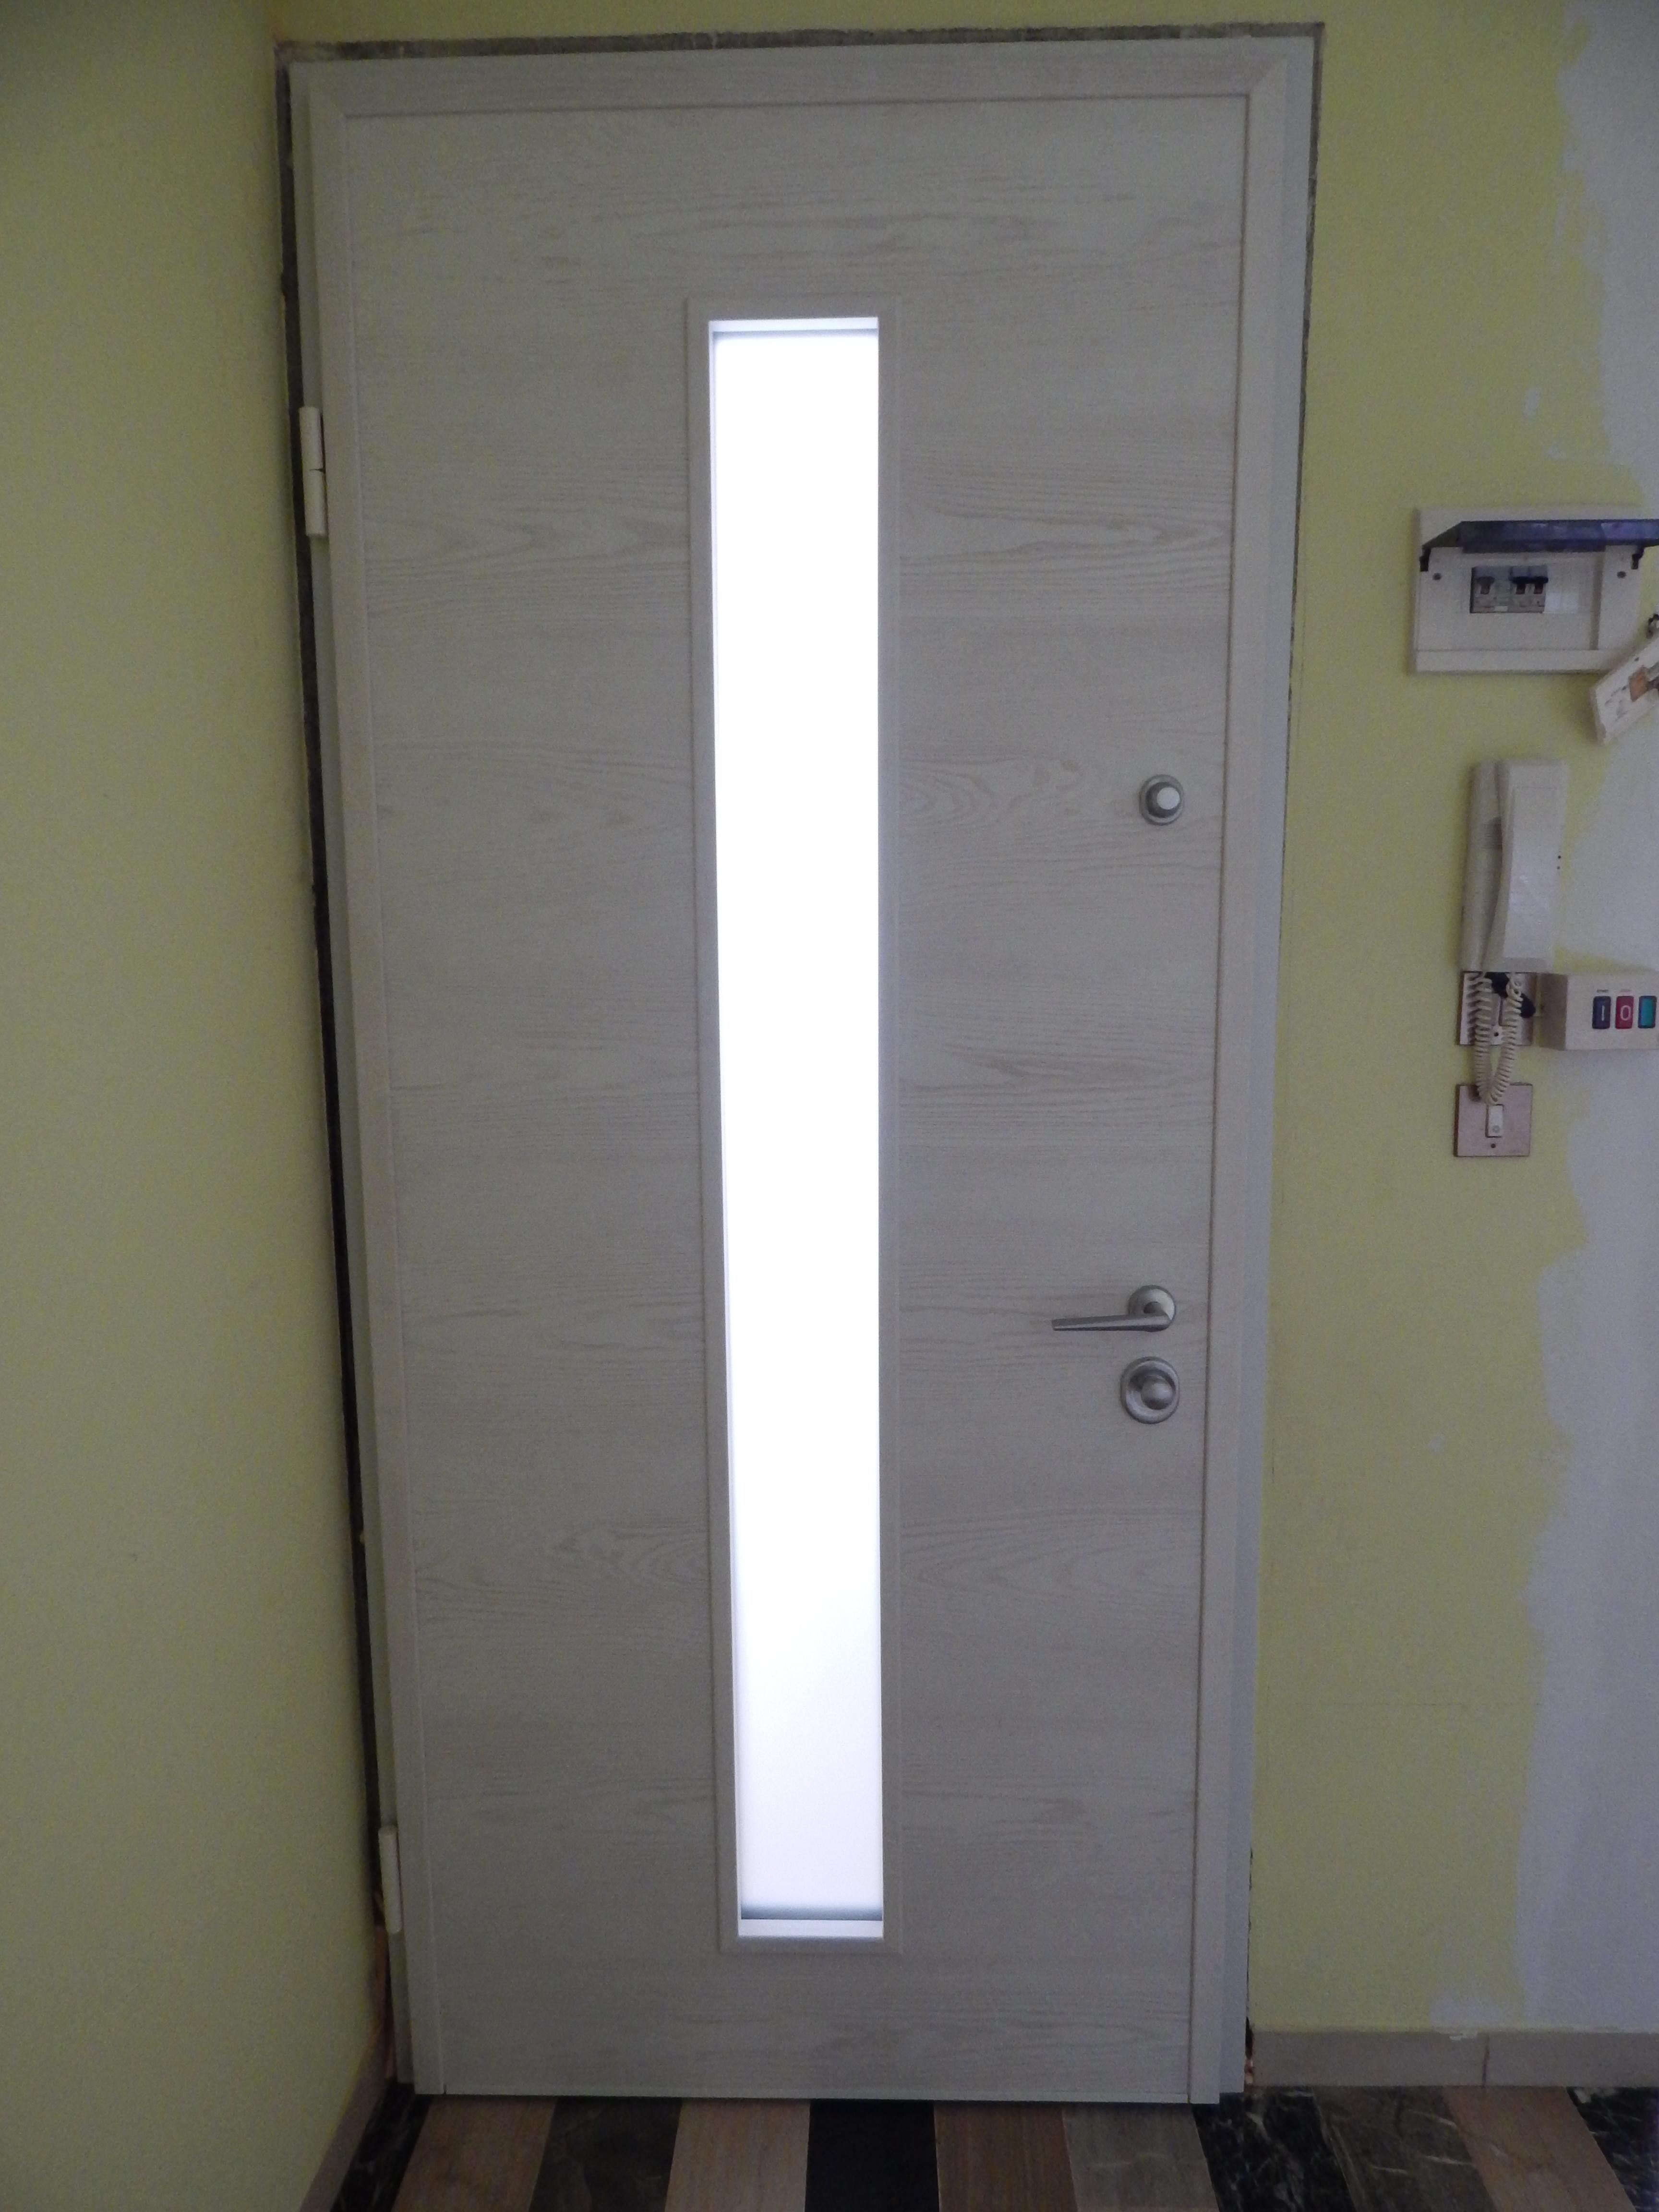 Blindato con vetro centrale padova realizzazione porte finestre portoncini d 39 ingresso e - Portoncini blindati da esterno con vetro ...